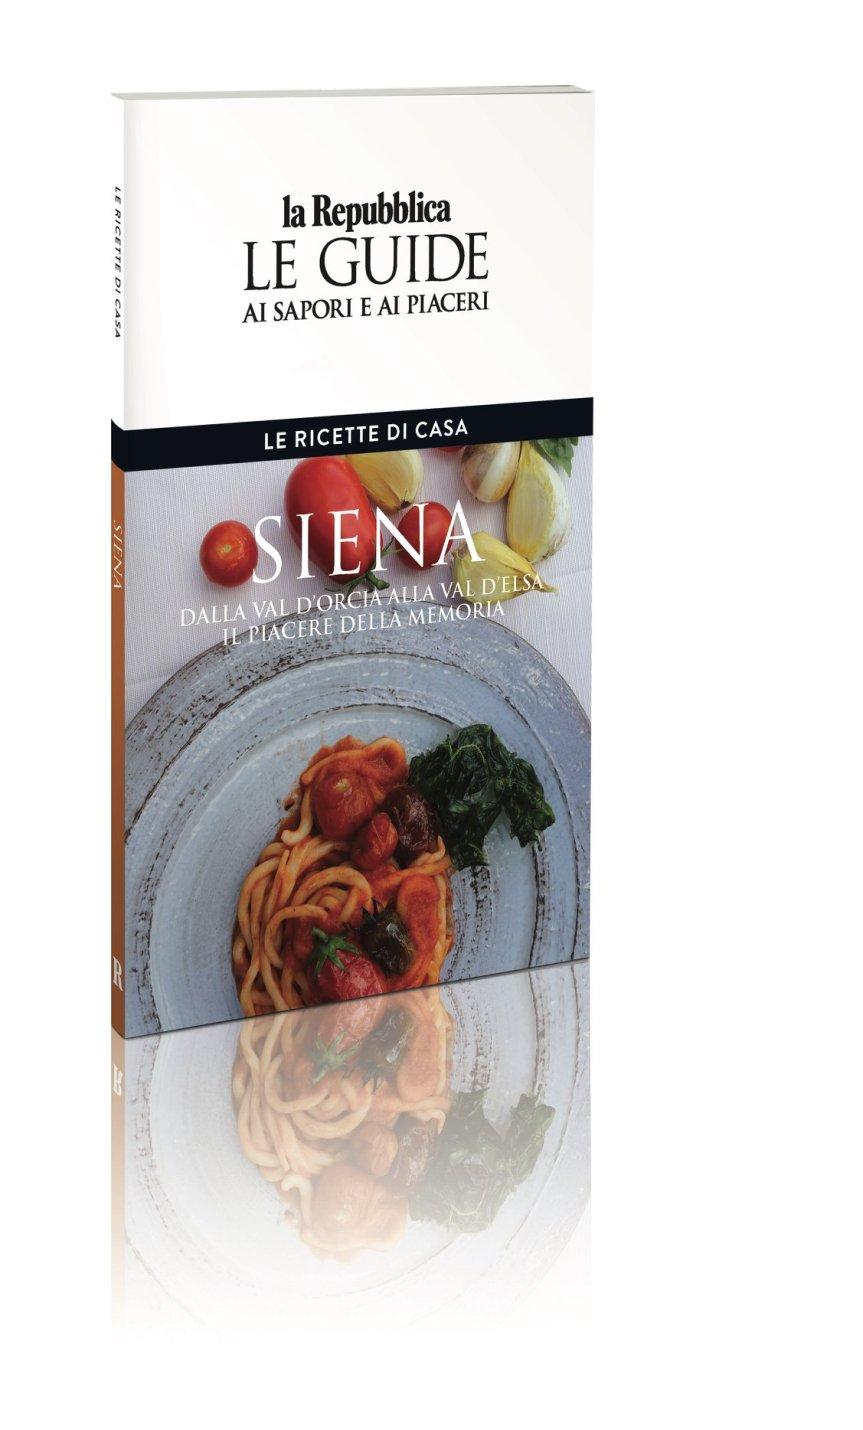 Siena e Provincia: Pici e scottiglia, le ricette senesi da rifare a casapropria